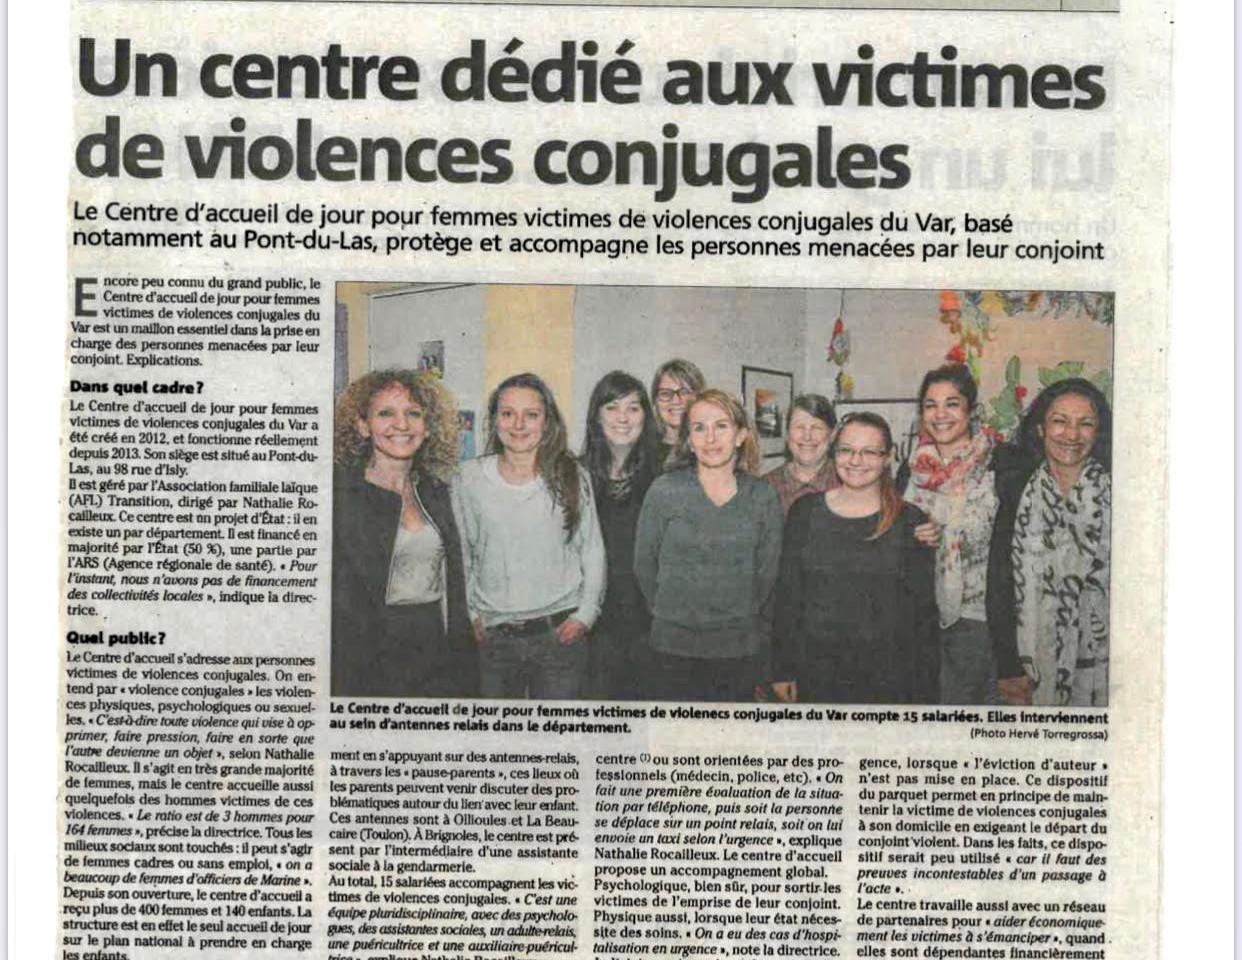 Un centre dédié aux victimes de violences conjugales